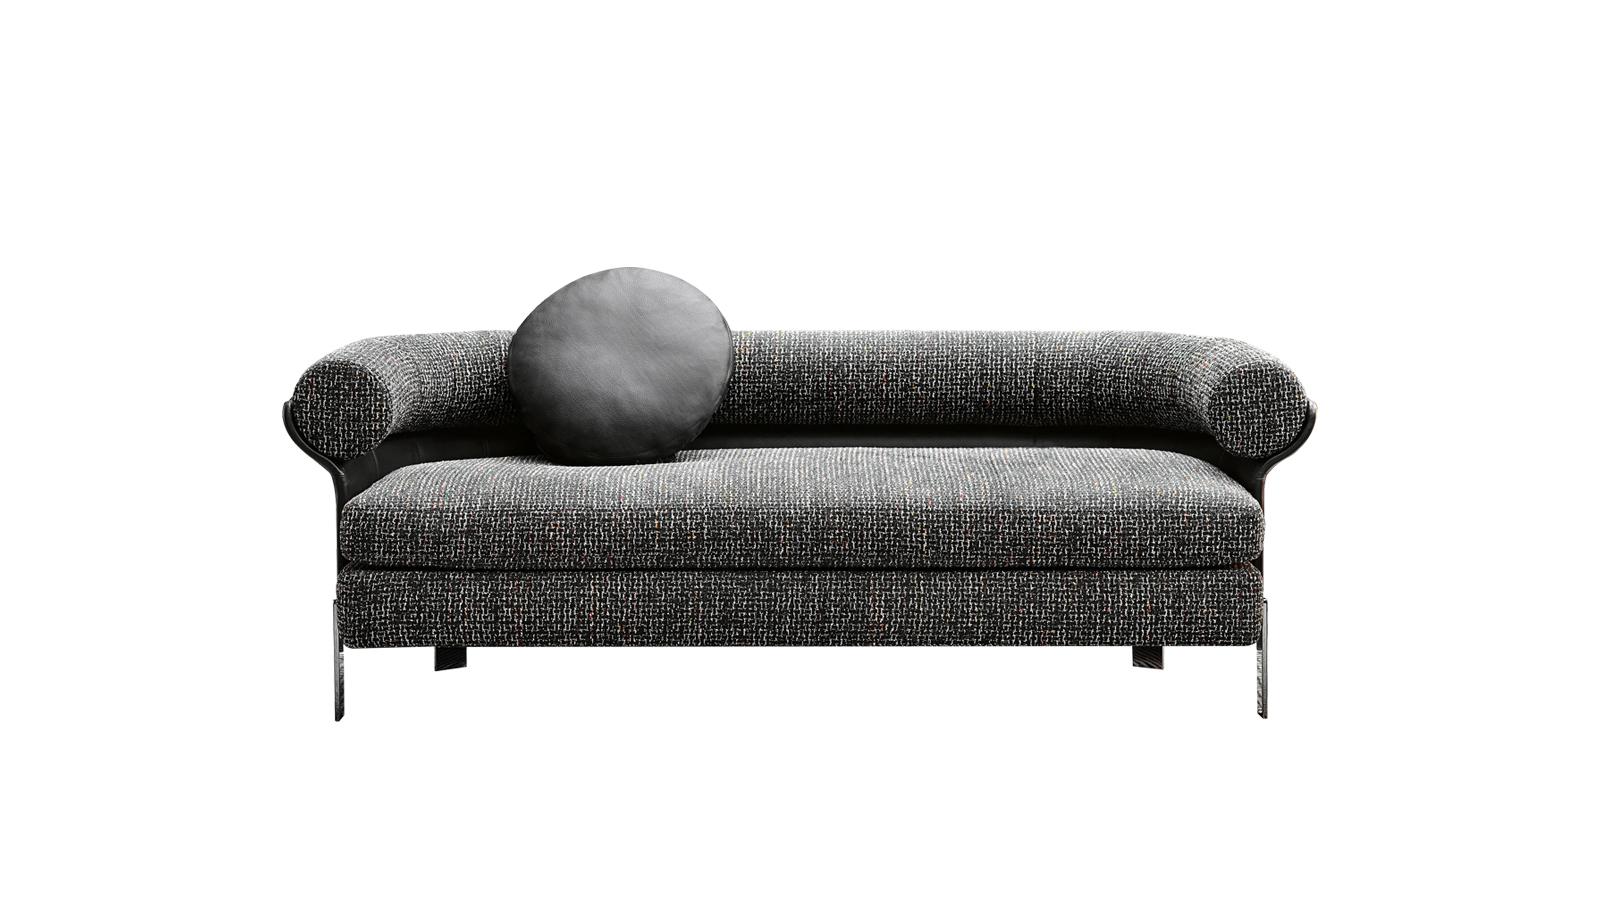 A Mattia bútorkollekciót a kreativitás szülte. Designja a hetvenes évekre nyúlik vissza, miközben ízig-vérig mai, olaszosan kifinomult. A finoman formázott váz körbeöleli az ülést, majd lazán kinyílik, hogy befogadja a hengeres háttámlát. A bútorcsalád háromüléses kanapé, karosszék és forgó karosszék verziót is tartalmaz.